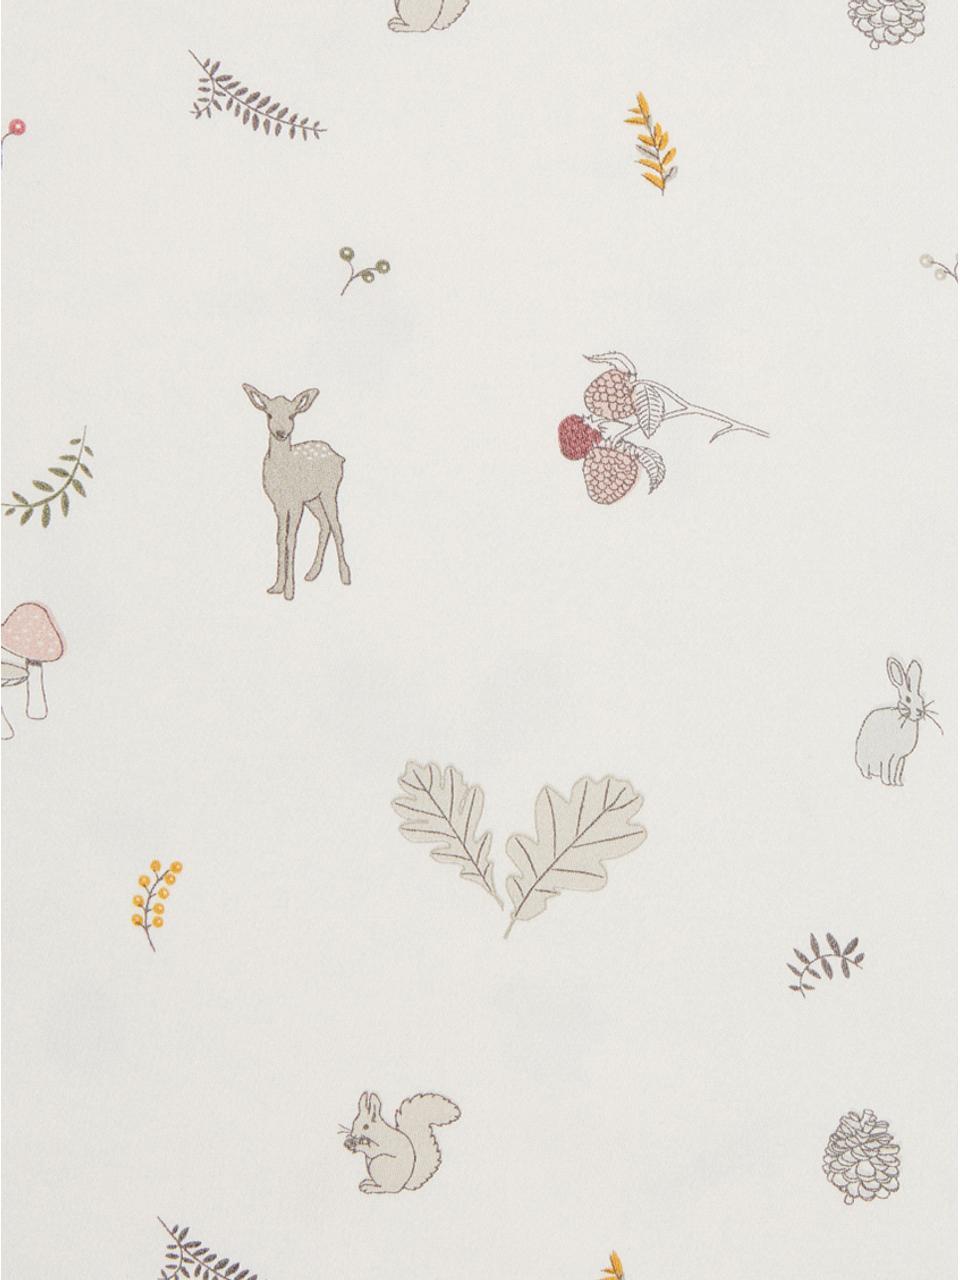 Baumwollsatin-Bettwäsche Fawn, Baumwollsatin, GOTS-zertifiziert, Weiß, Braun, Beige, Gelb, Rosa, Grün, 100 x 135 cm